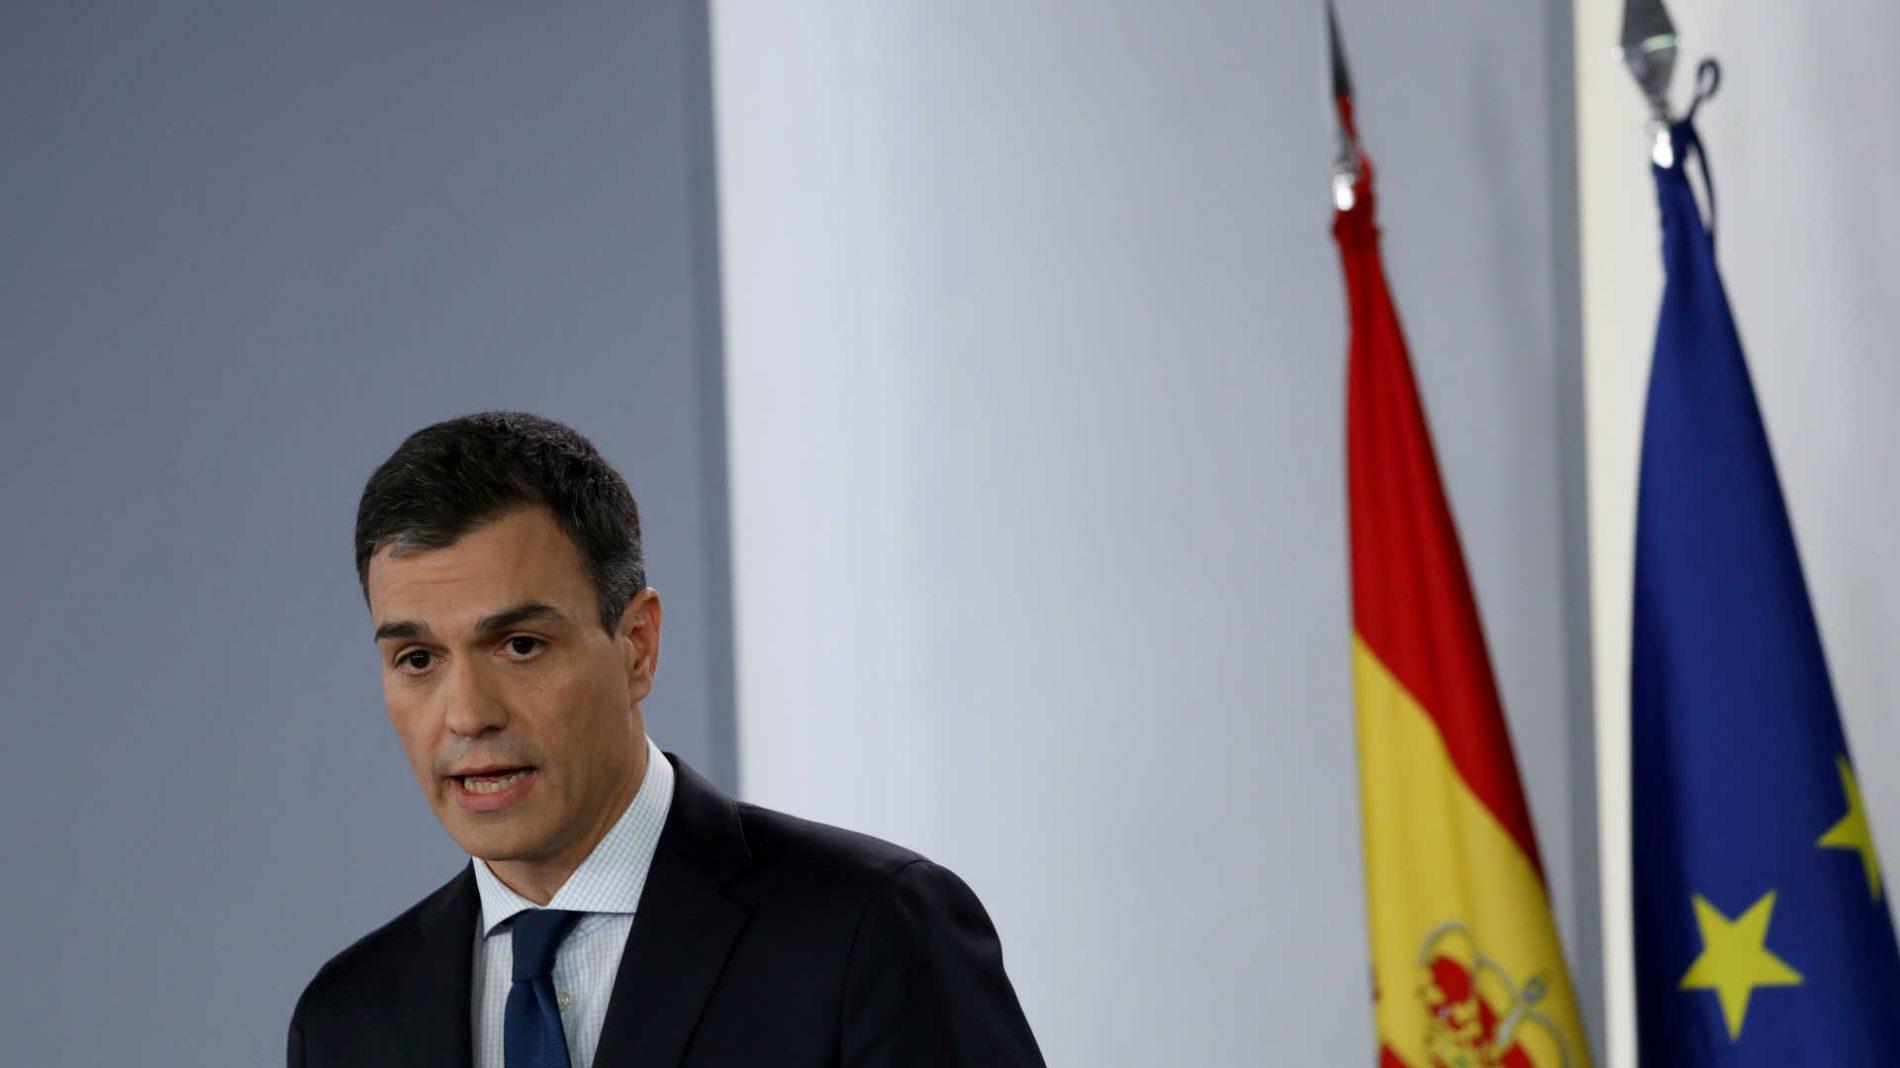 Pela primeira vez, Espanha terá um governo majoritariamente feminino